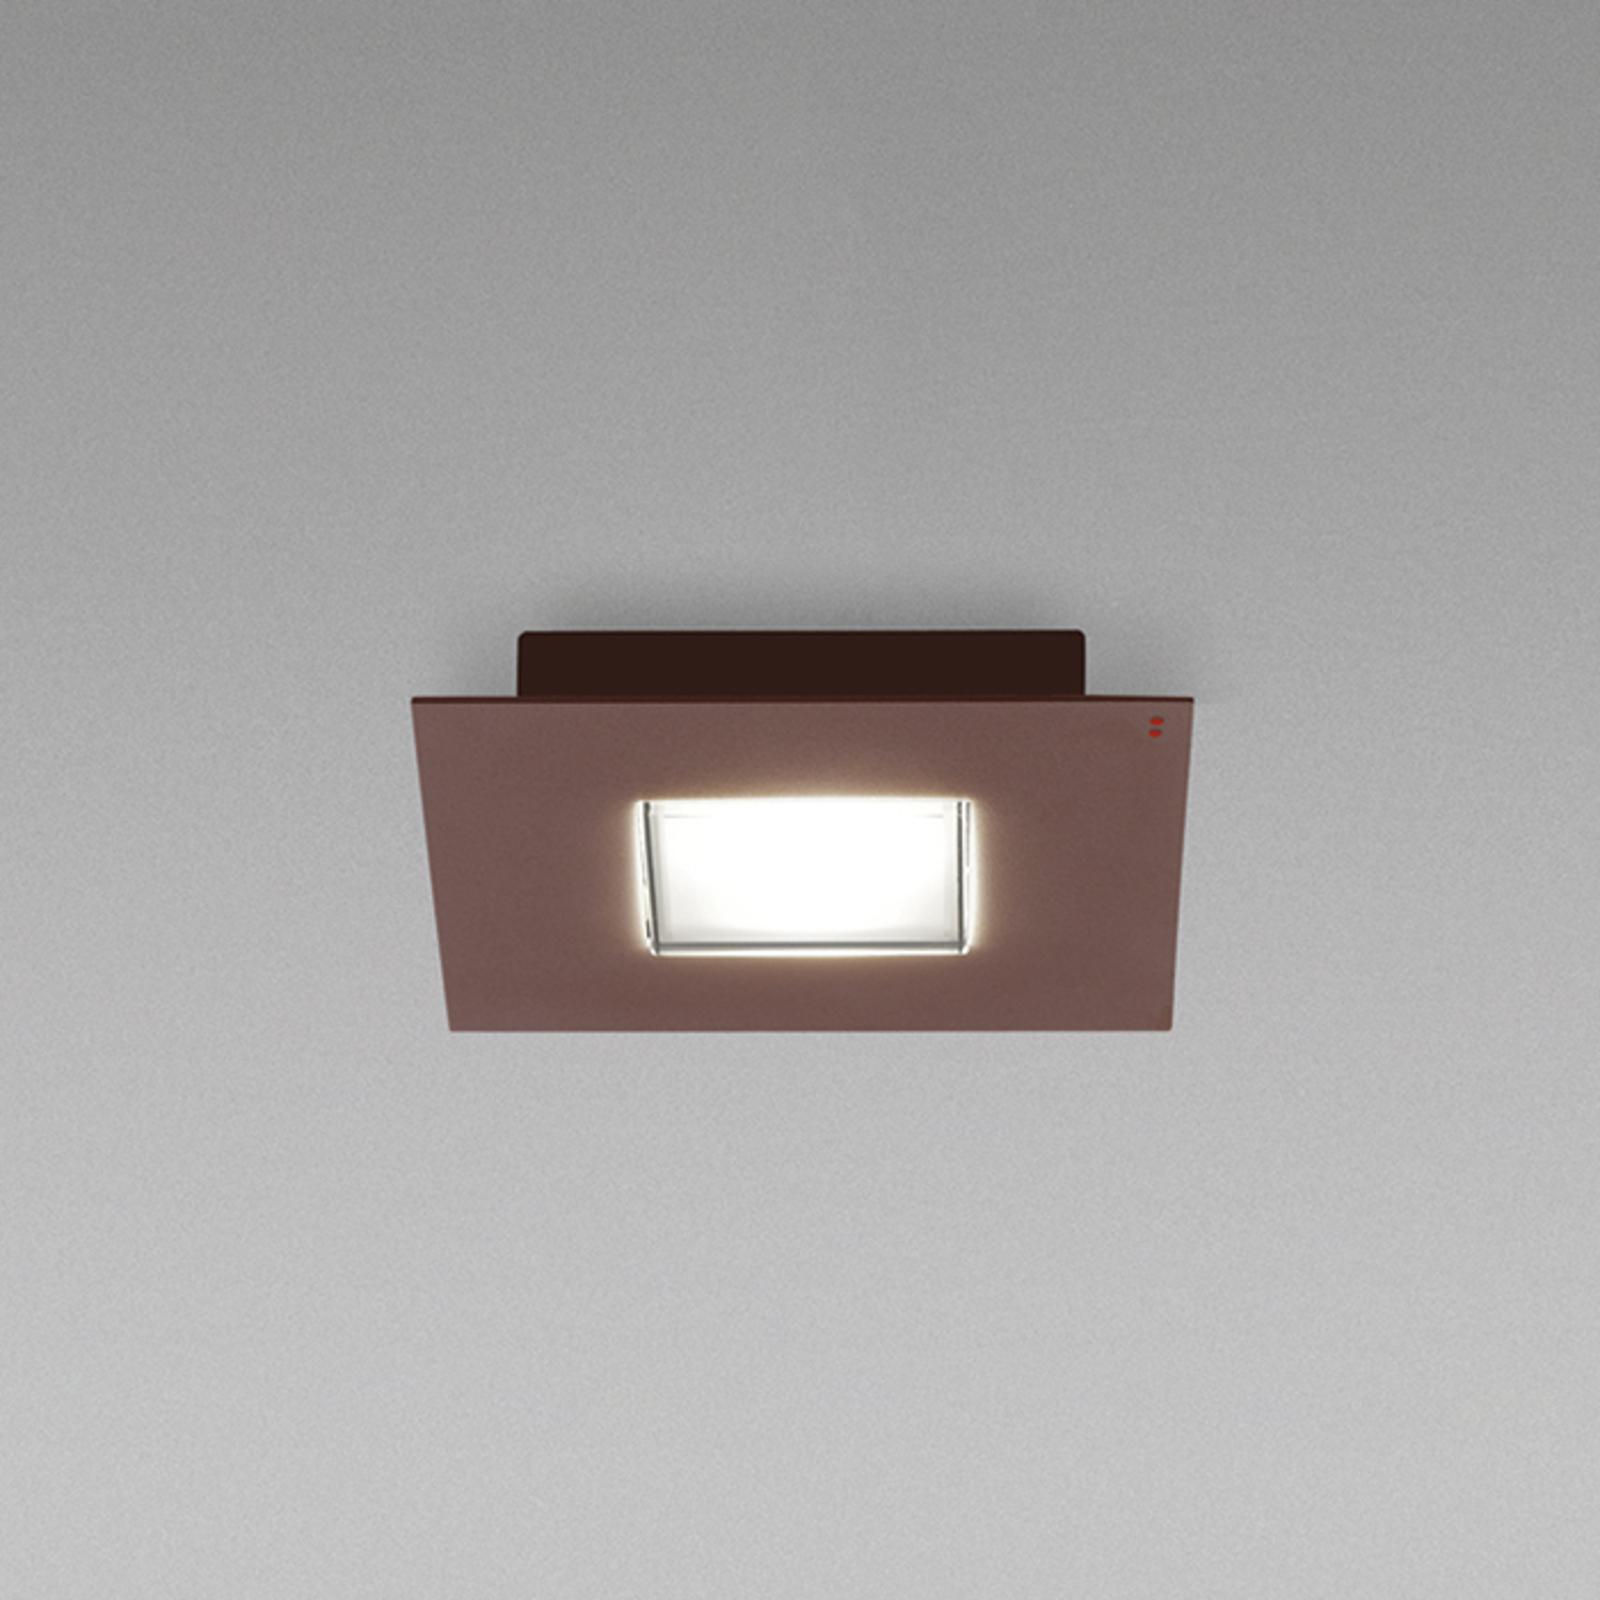 Plafoniera LED Quarter con bordo marrone